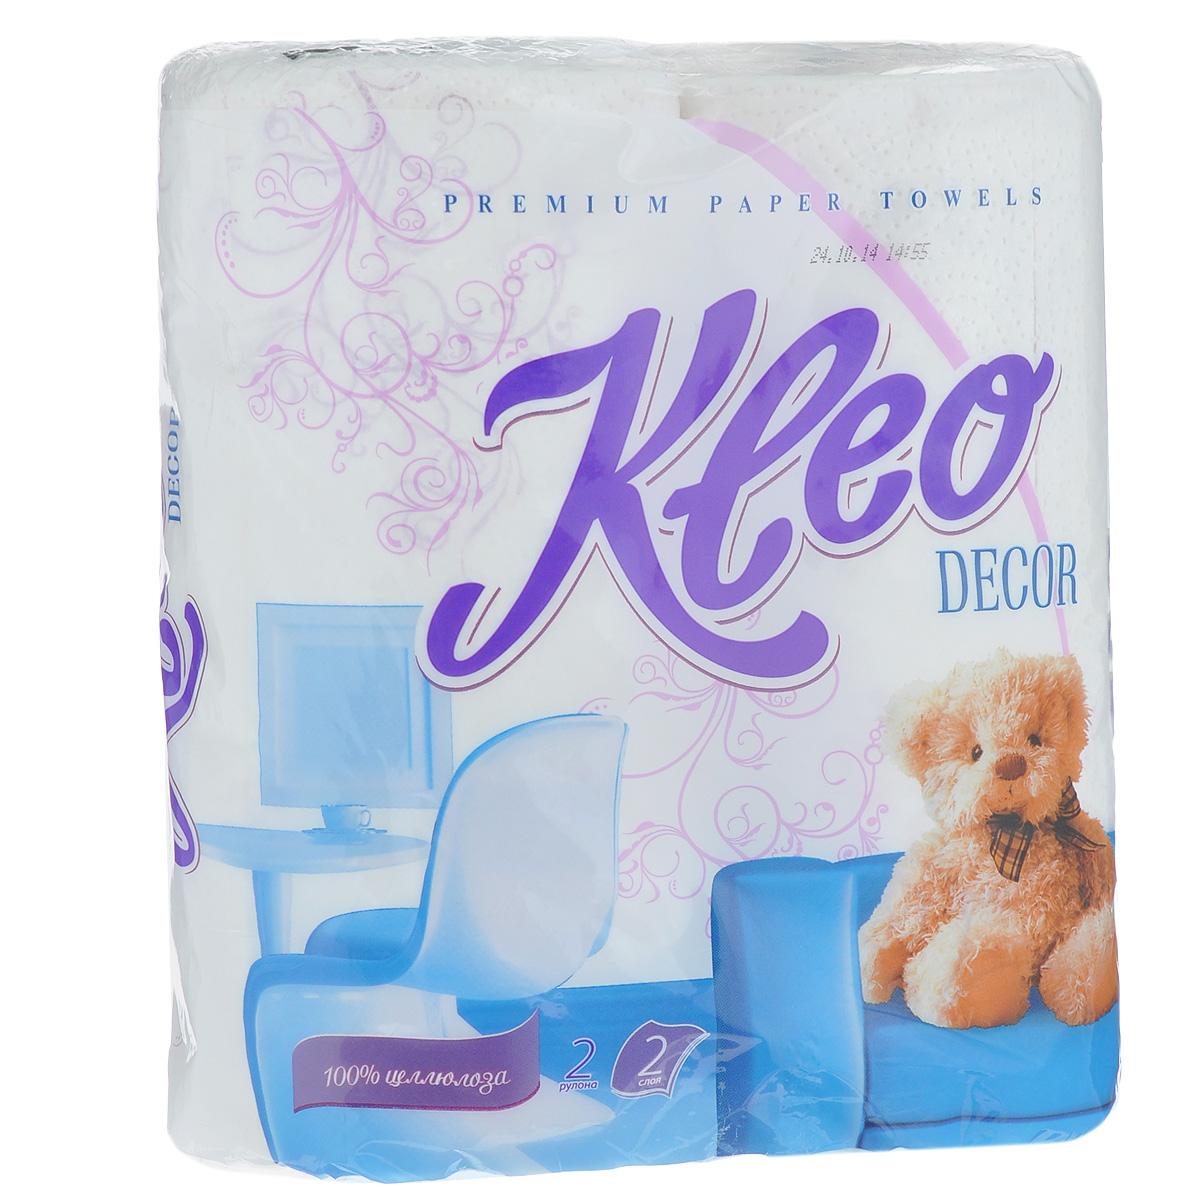 Полотенца бумажныеKleo Decor, двухслойные, цвет: белый, 2 рулона15299Бумажные полотенца Kleo Decor созданы из экологически чистого волокна - 100% целлюлозы. Двухслойные, с цветным рисунком. Хорошо впитывают влагу и идеально подходят для ежедневного использования.Количество листов: 48 шт. Количество слоев: 2. Размер листа: 25 см х 23 см. Состав: 100% целлюлоза.